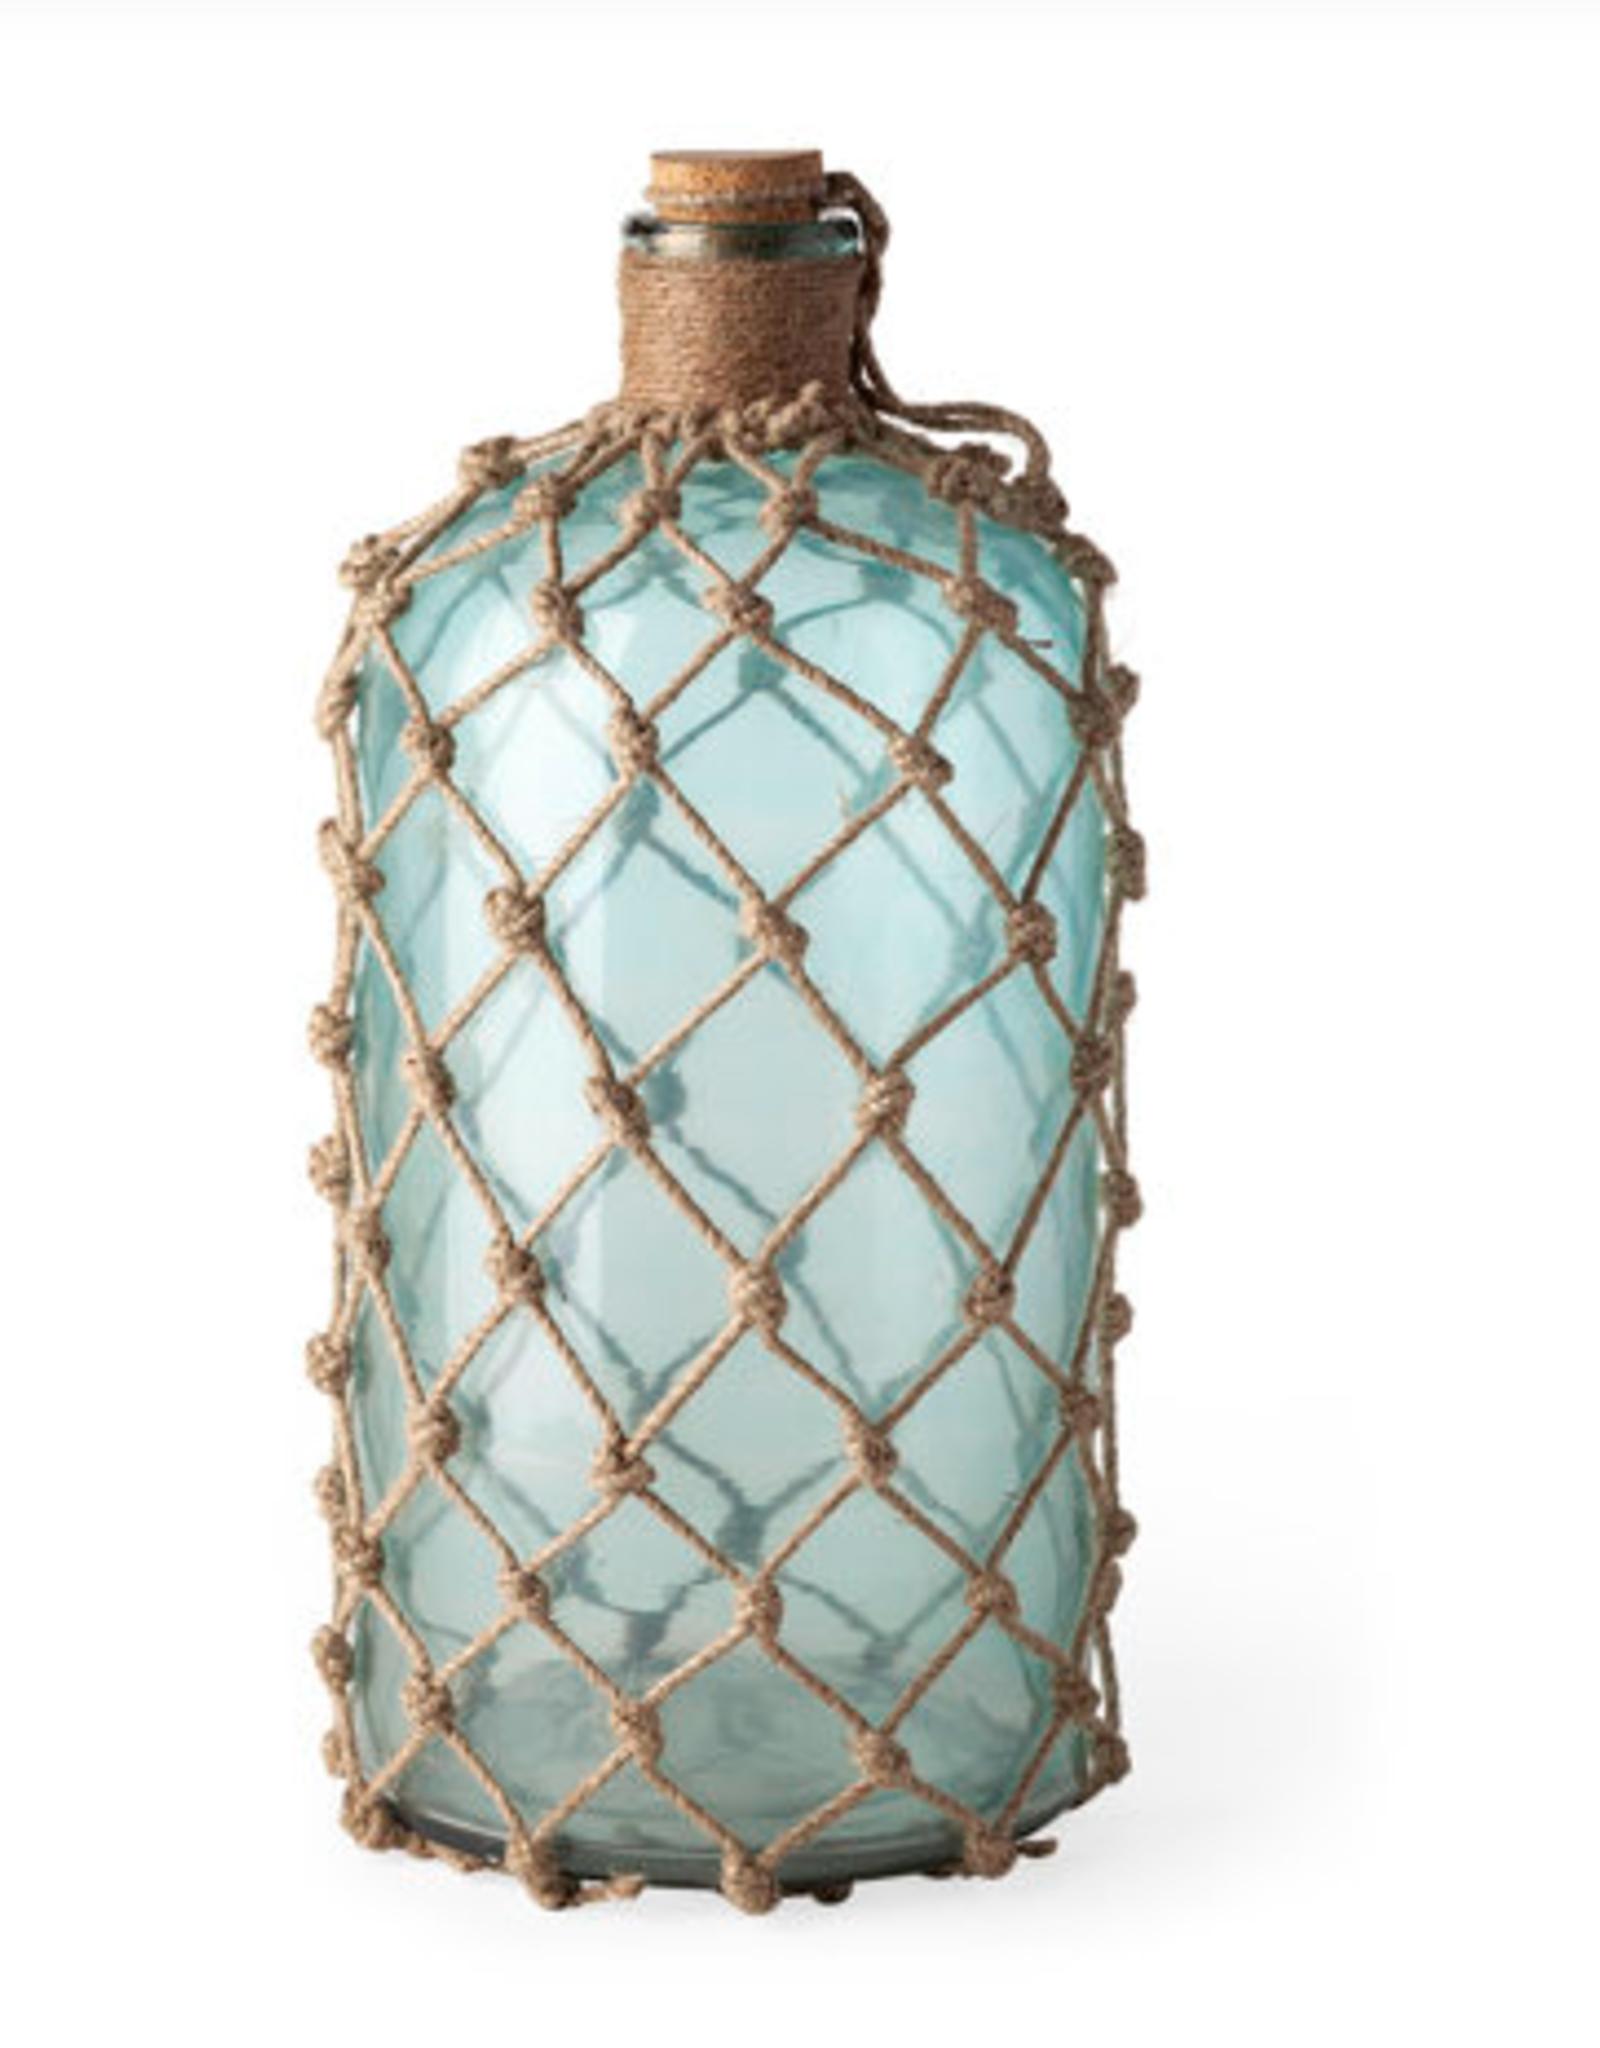 Mercana Bottle Mercana LG Jute Wrapped Aqua 67291